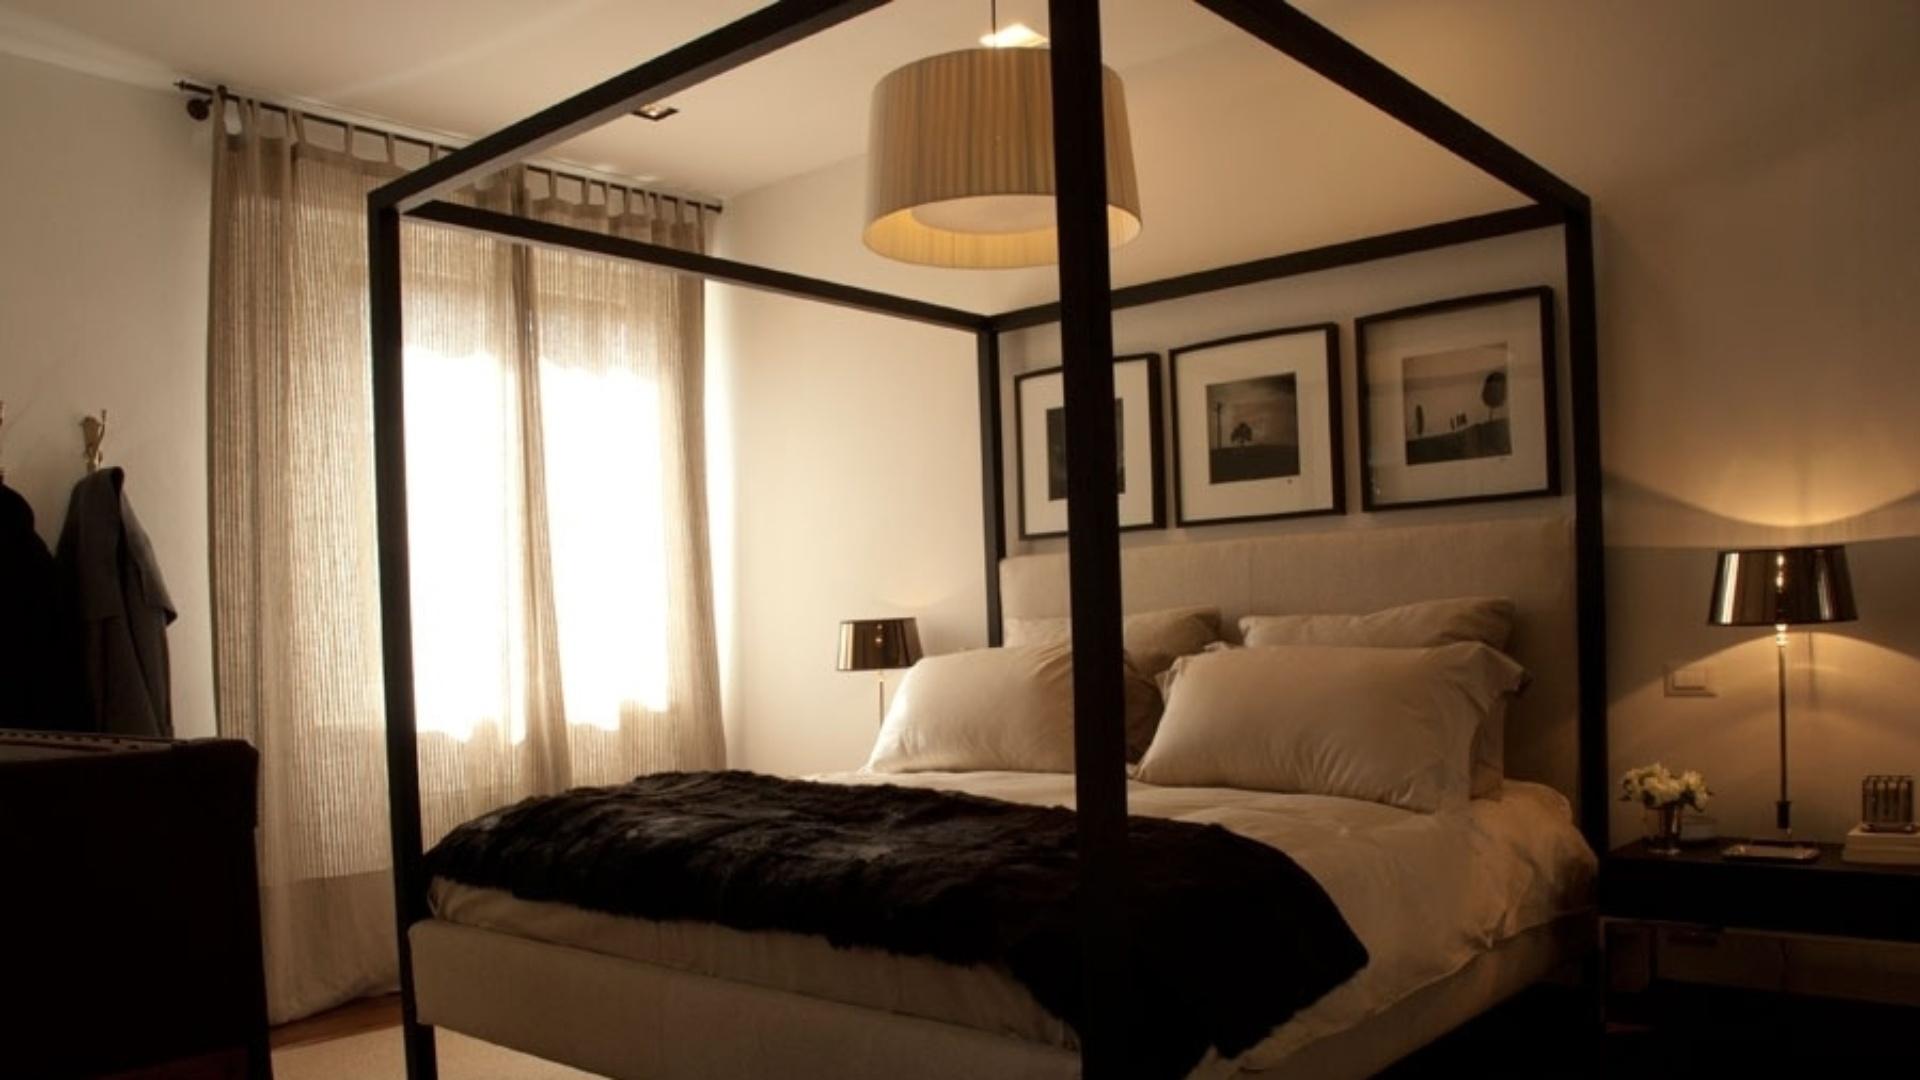 #B87313  quarto de casal foi projetado pela designer de interiores Paola 1920x1080 px moveis de madeira para quarto casal @ bernauer.info Móveis Antigos Novos E Usados Online